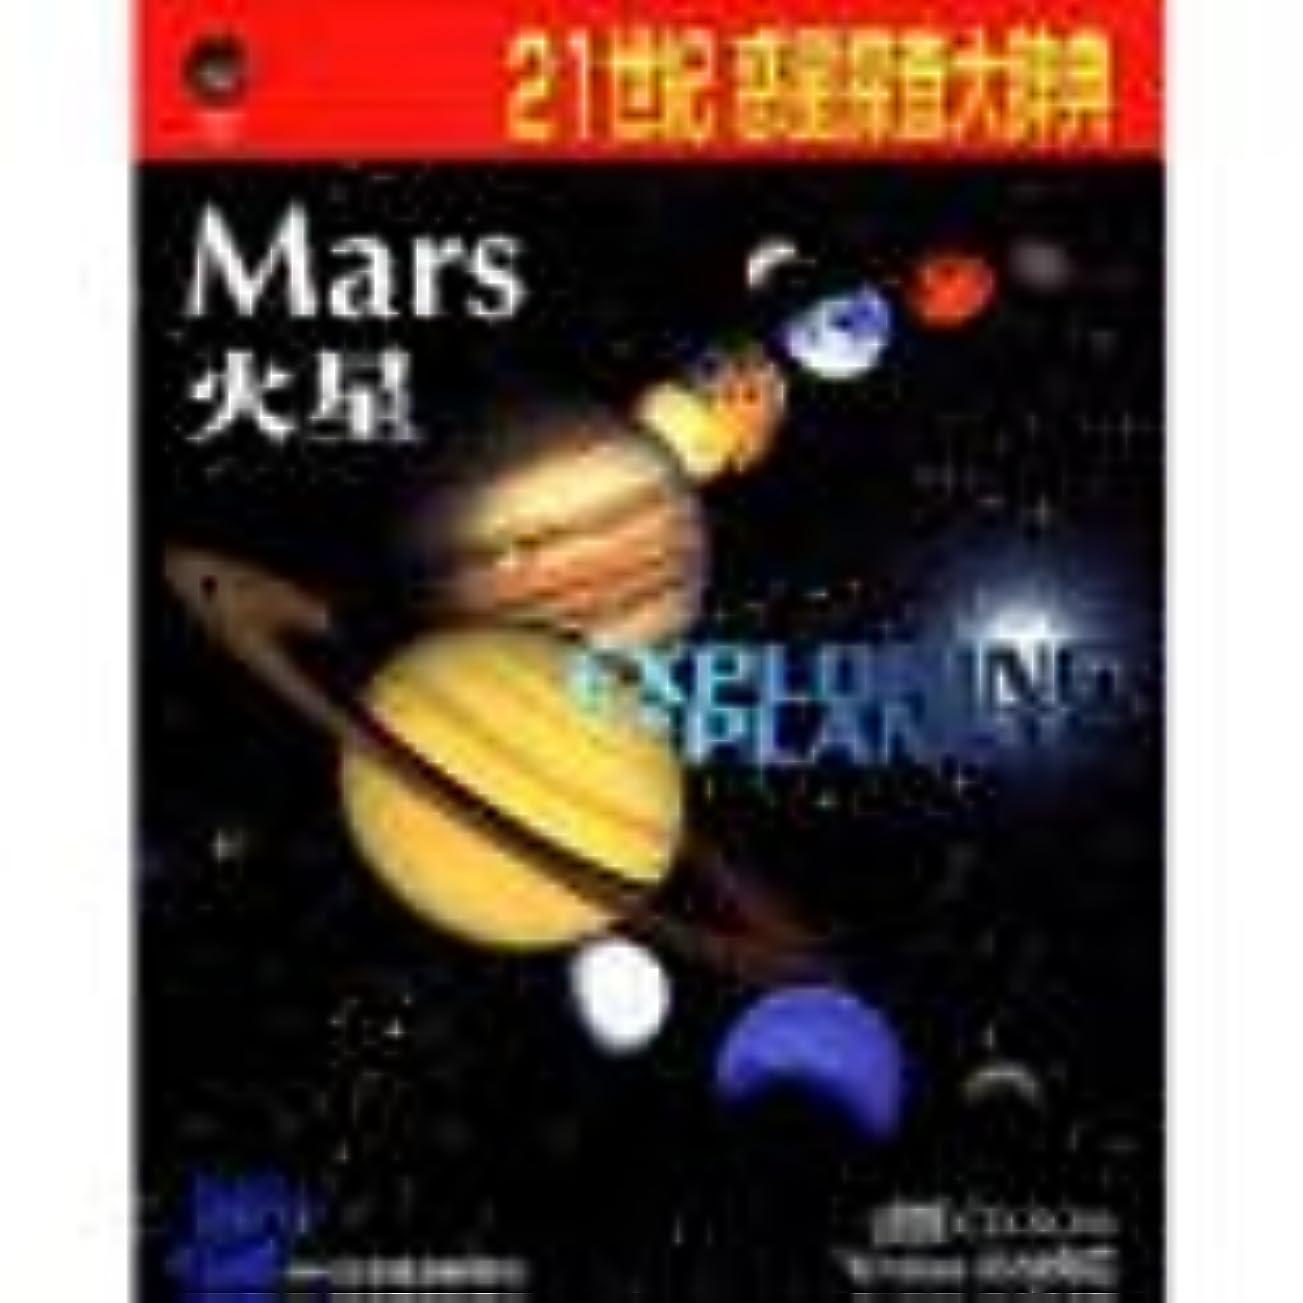 審判鏡キャラクター21世紀 惑星探査大辞典 火星